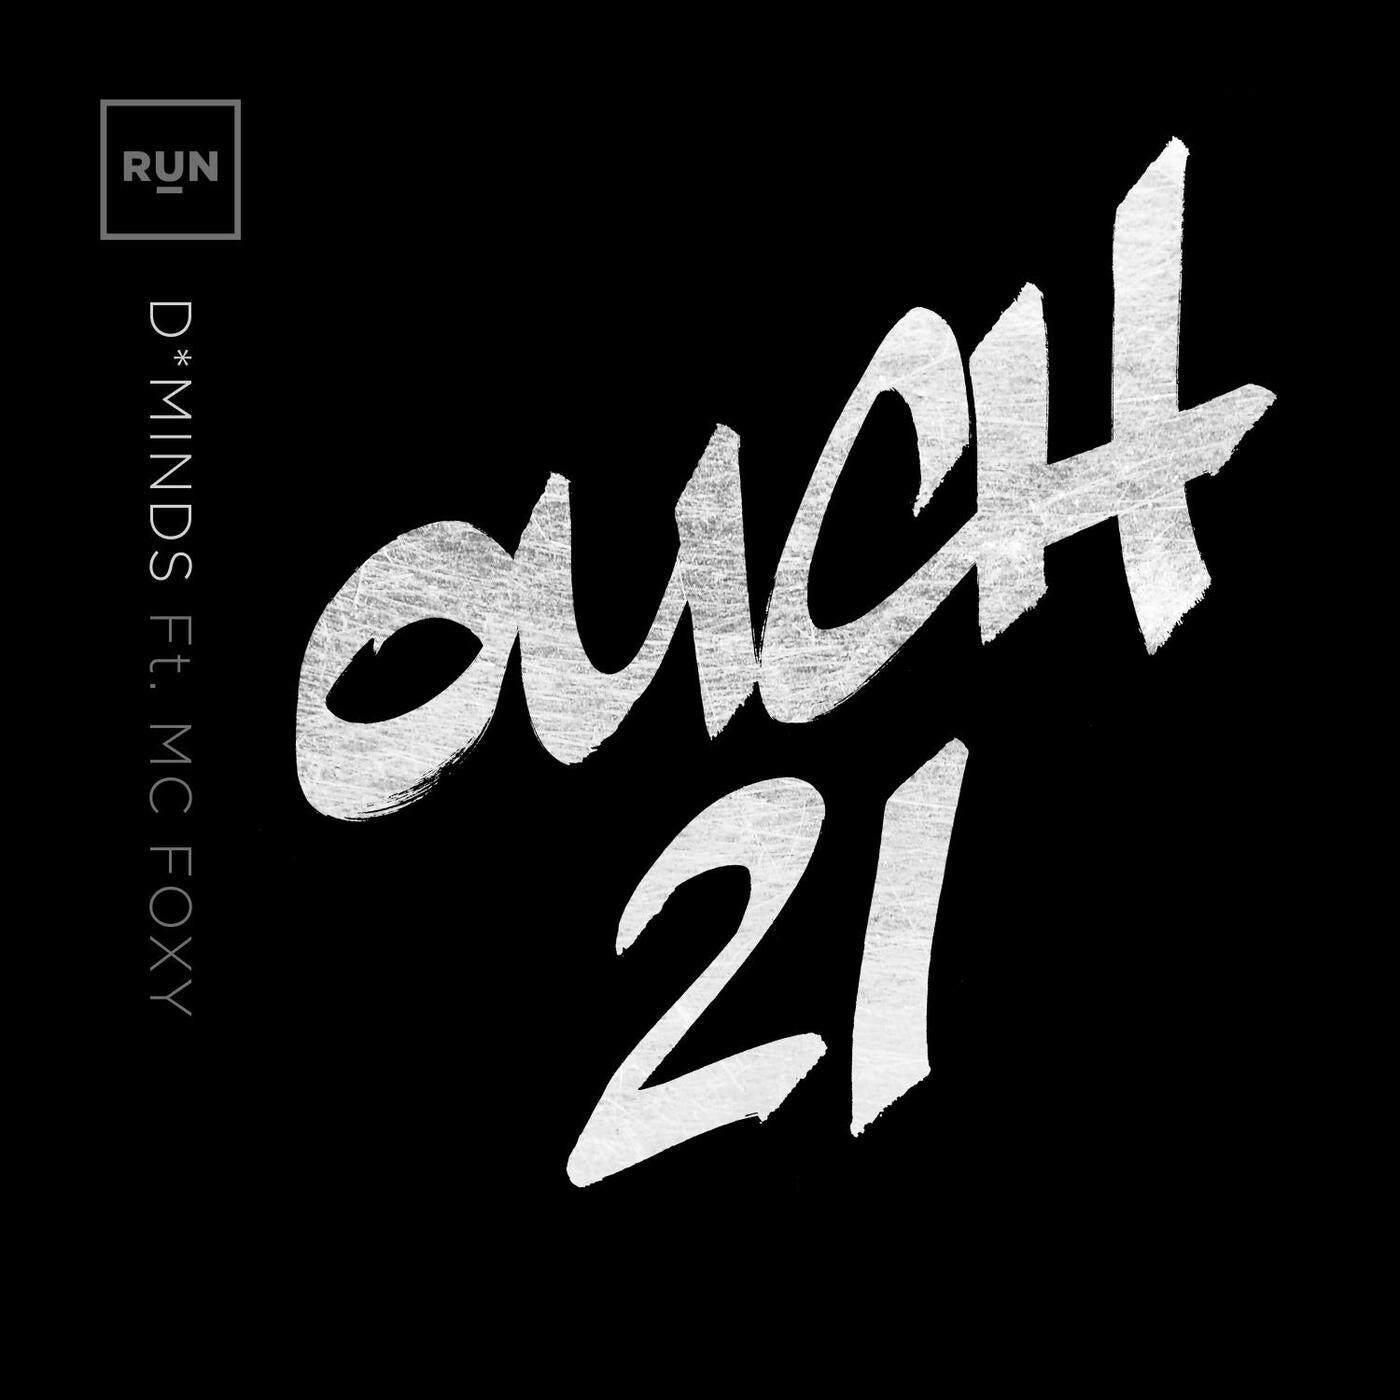 Ouch 21 (Original Mix)